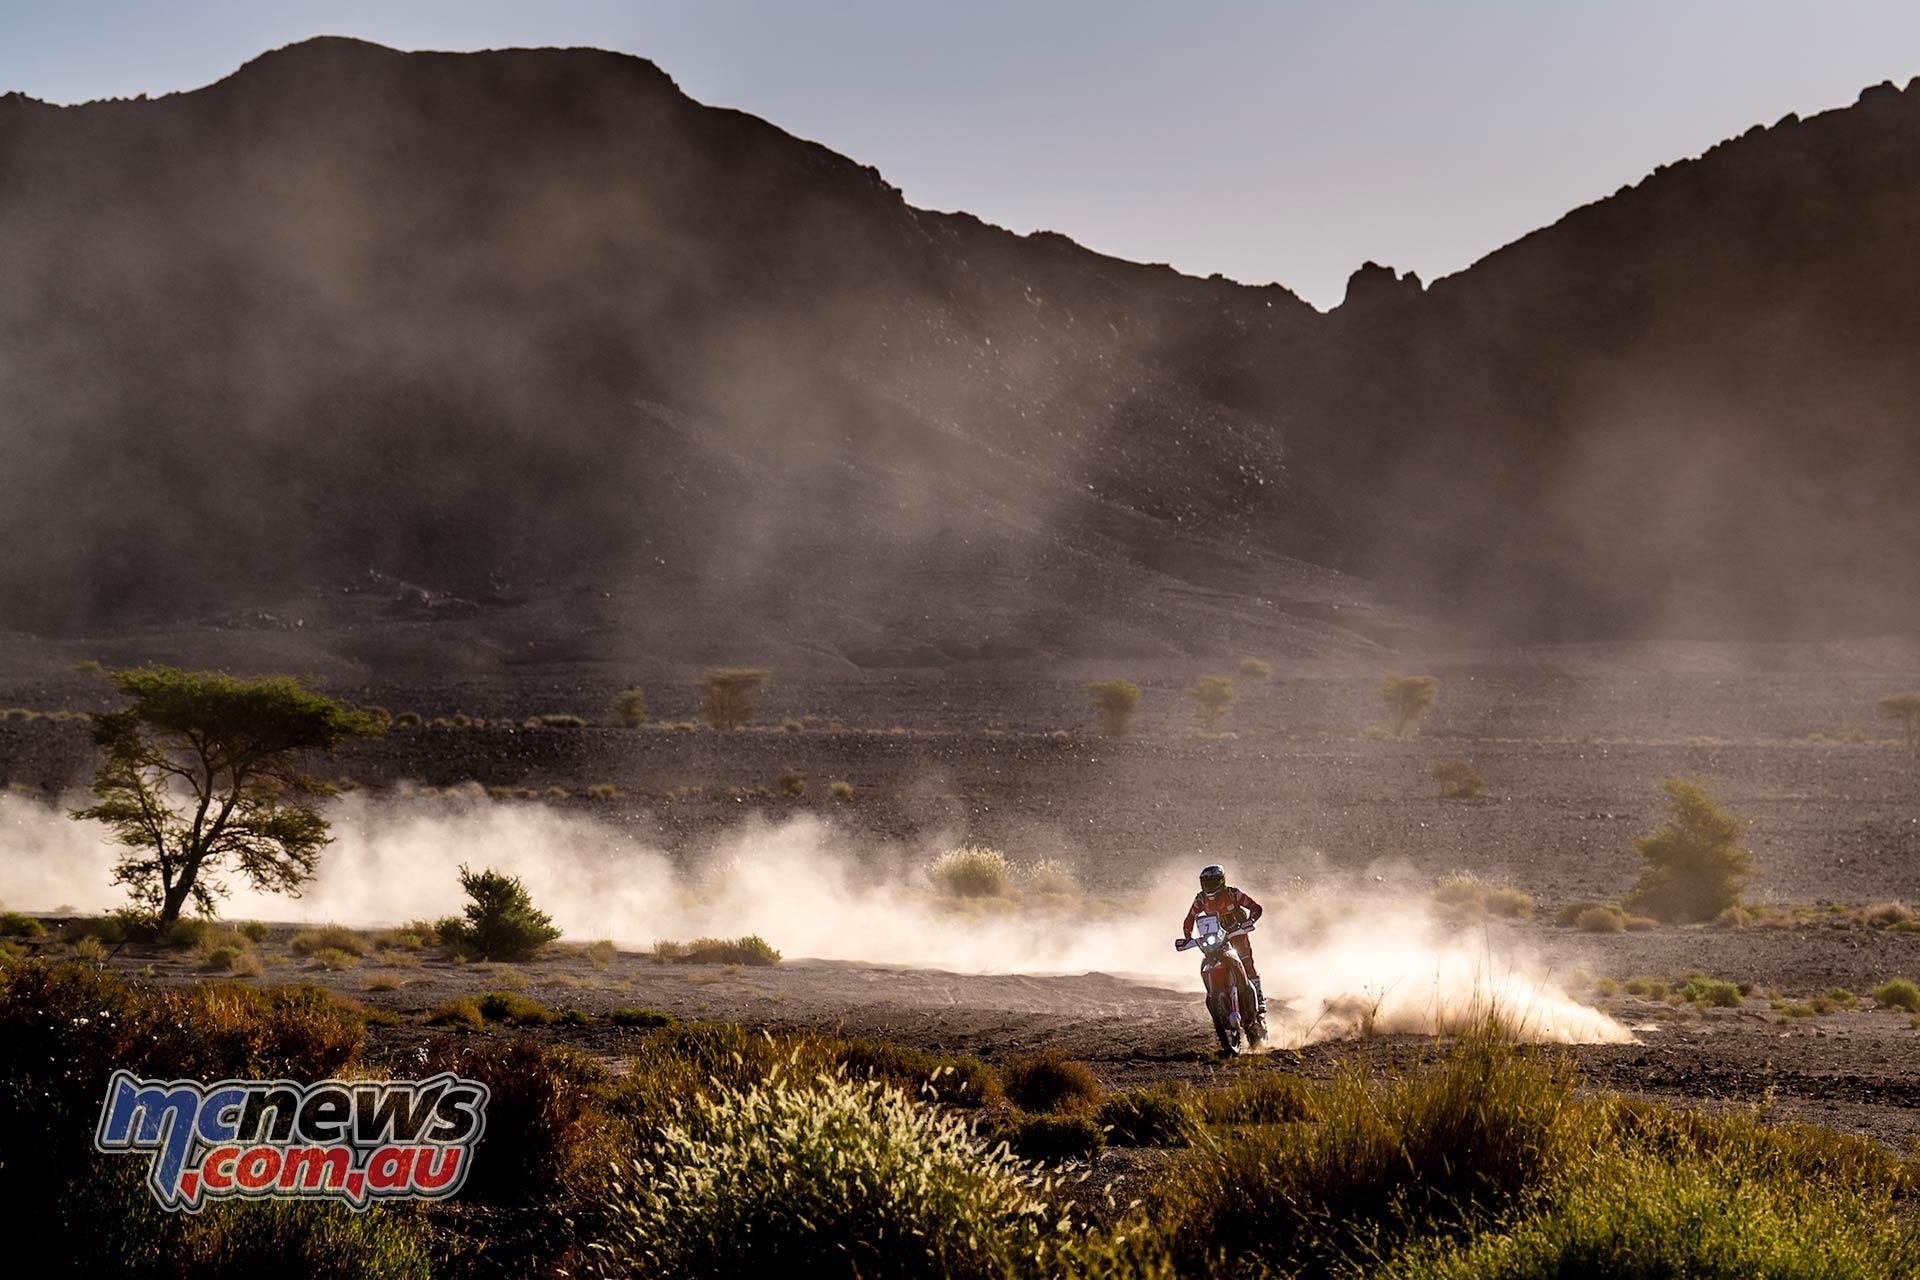 Rallye du Maroc Kevin Benavides